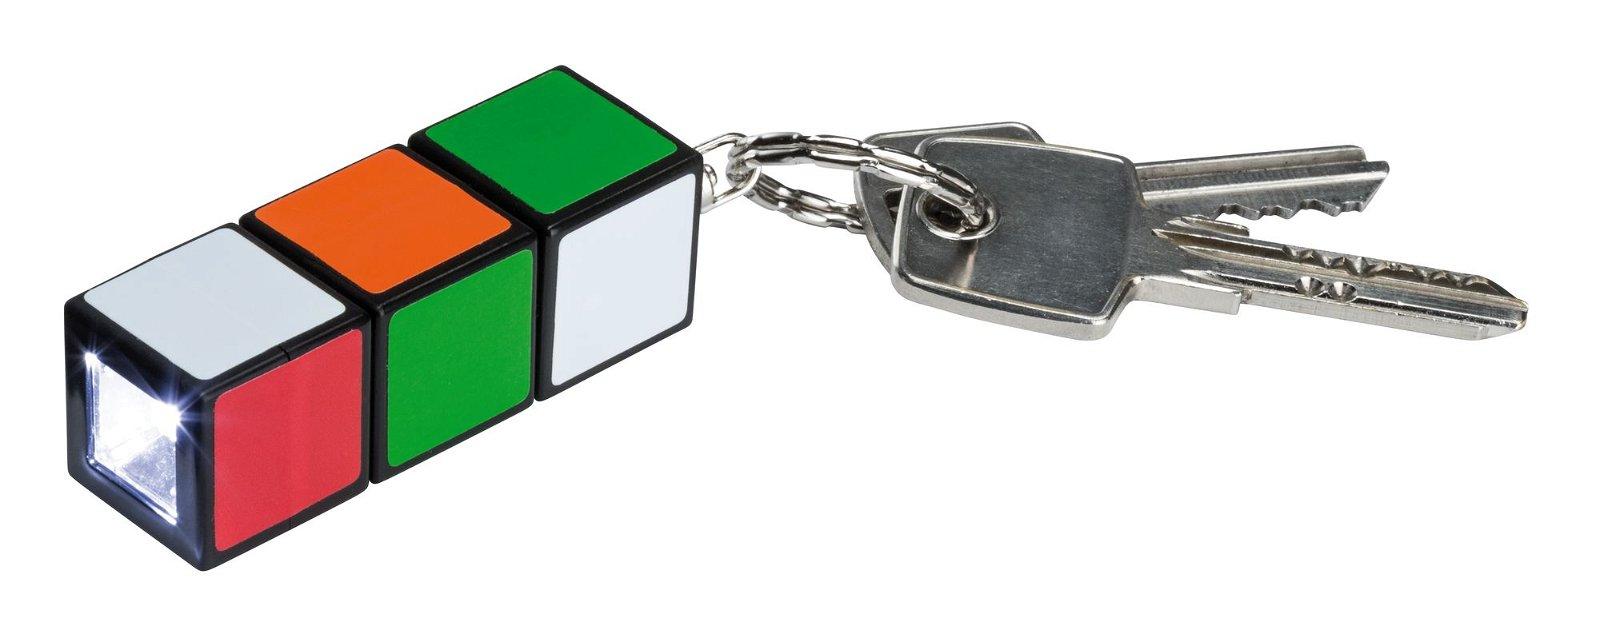 Batterieleuchte Magic Cube 0,3W